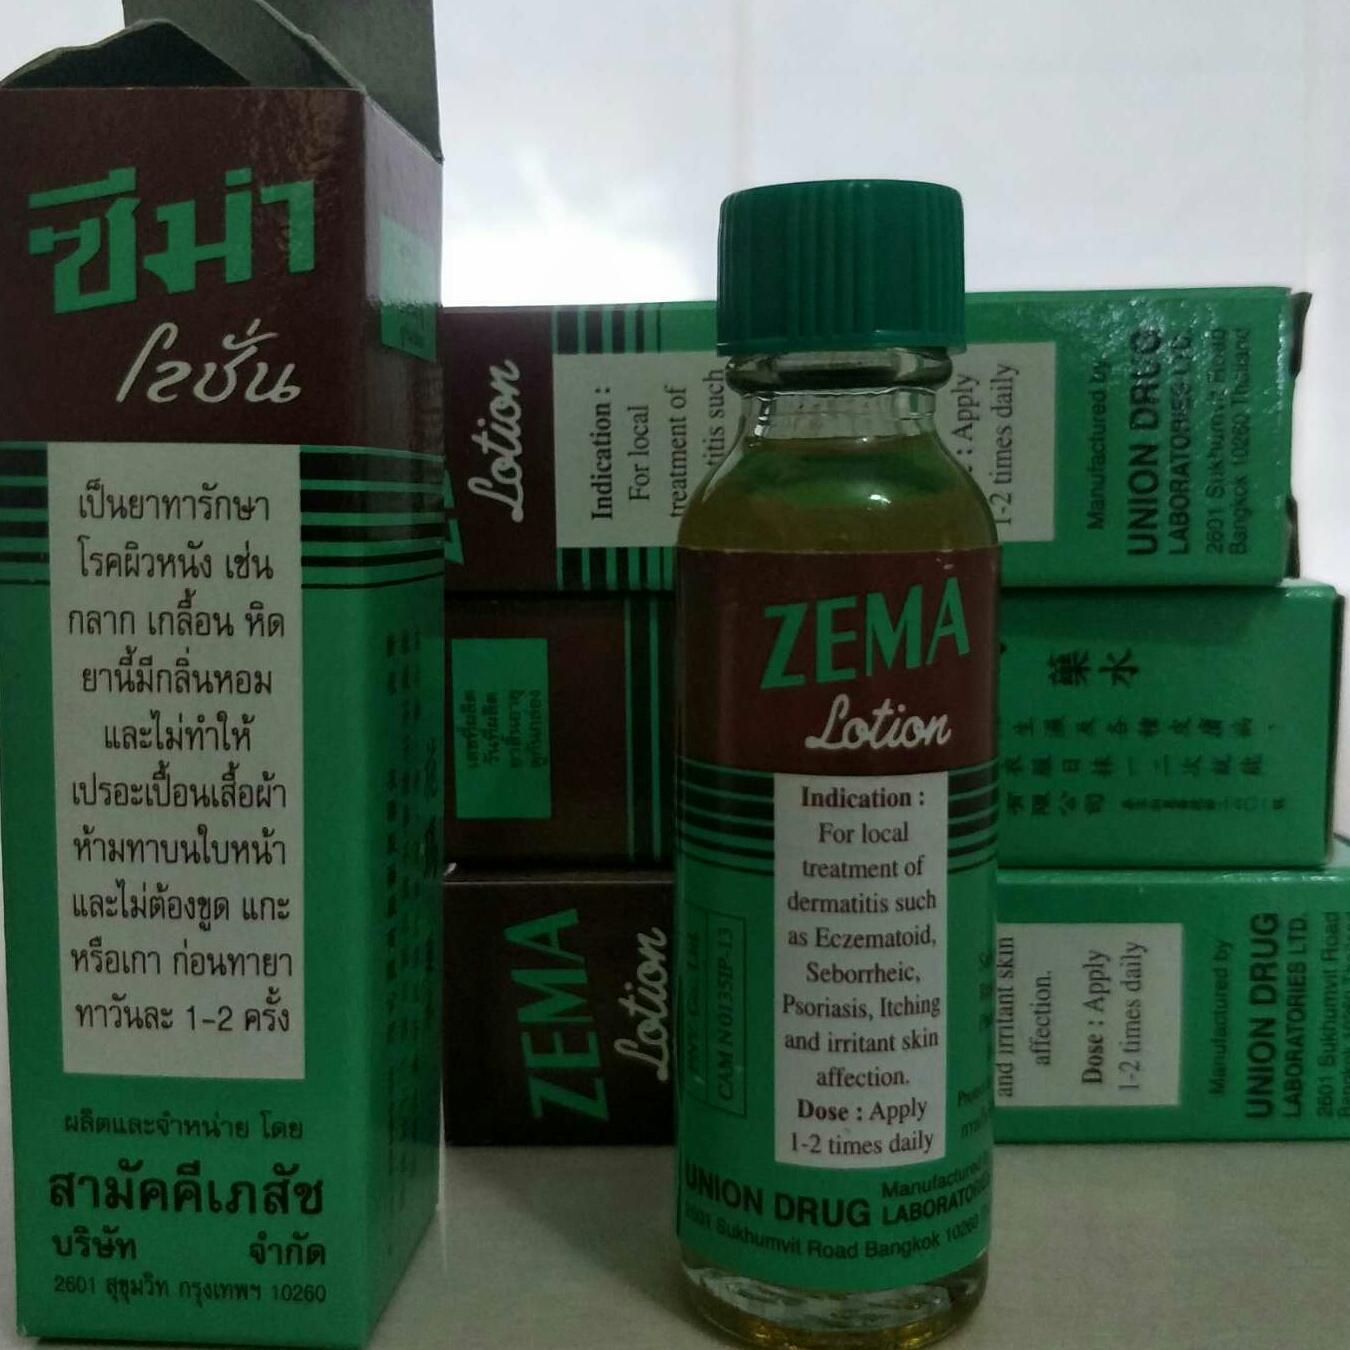 Hình ảnh ZEMA lotion thuốc đặc trị chàm lác hàng thái lan